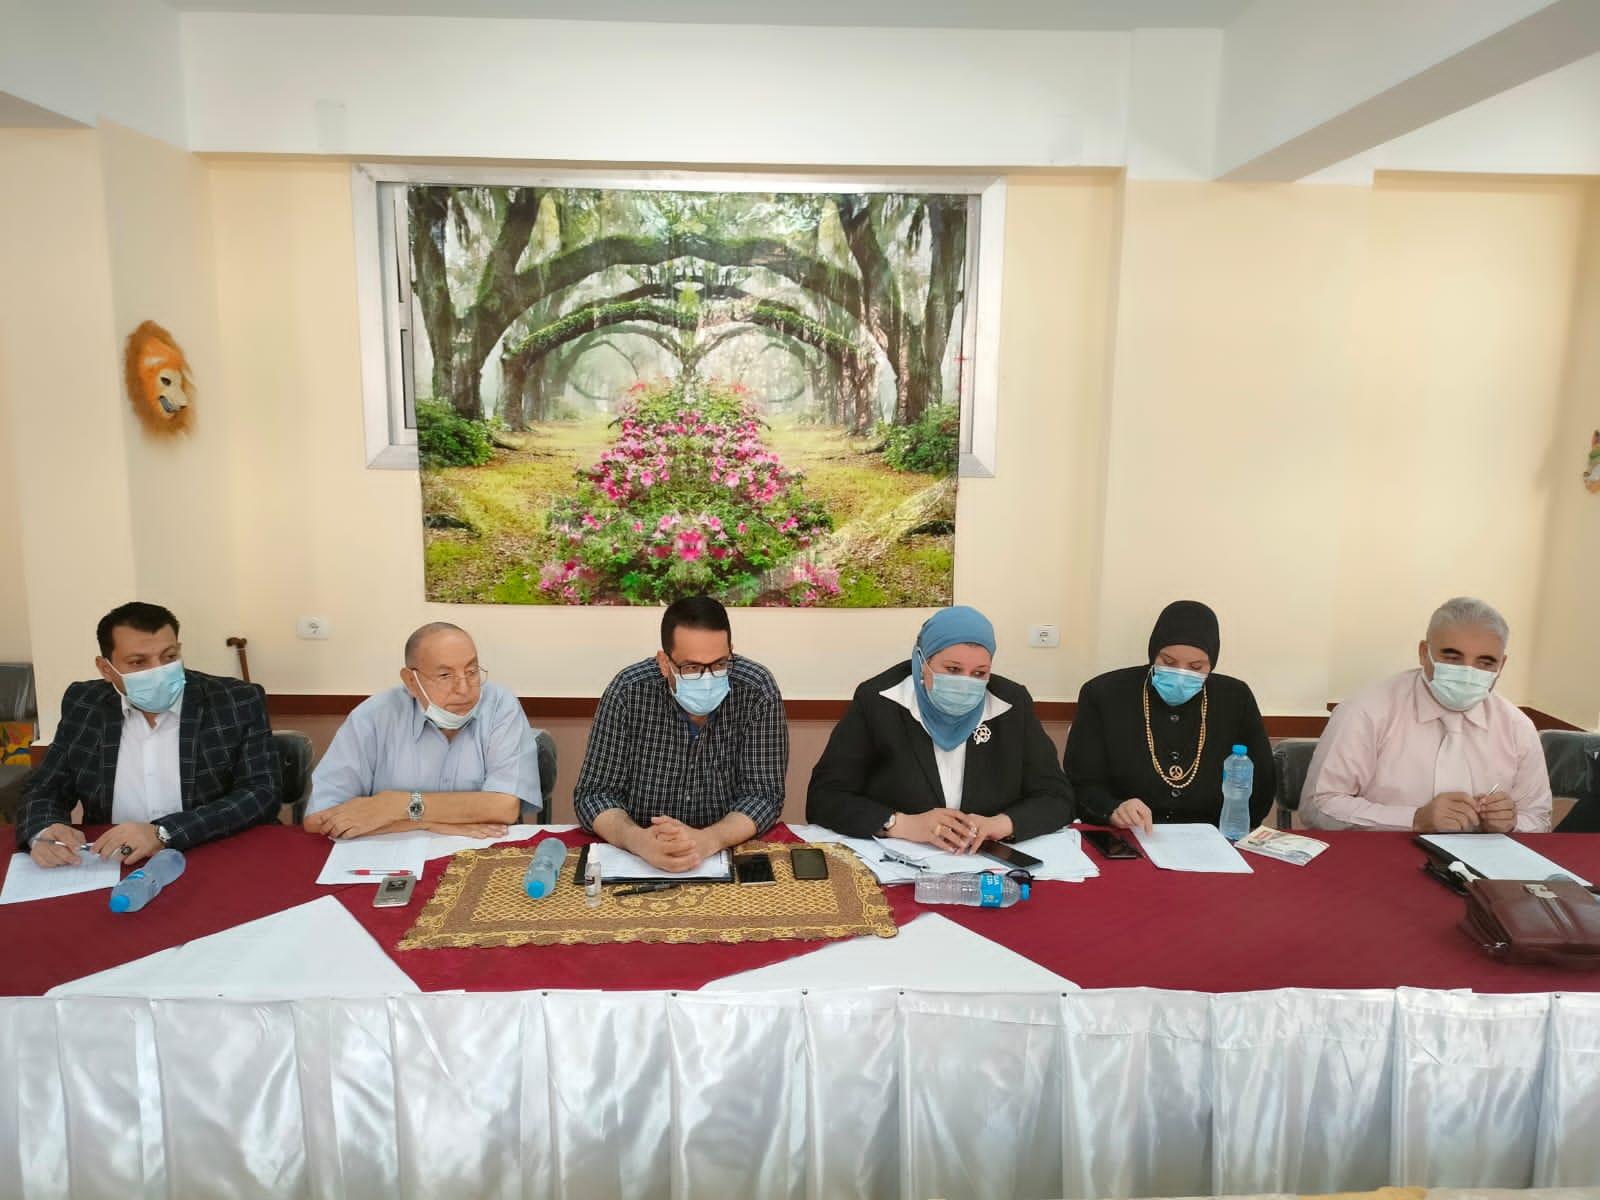 لجنة اختبارات للمترشحين كوكلاء المدارس الرسمية للغات بتعليم الغربية